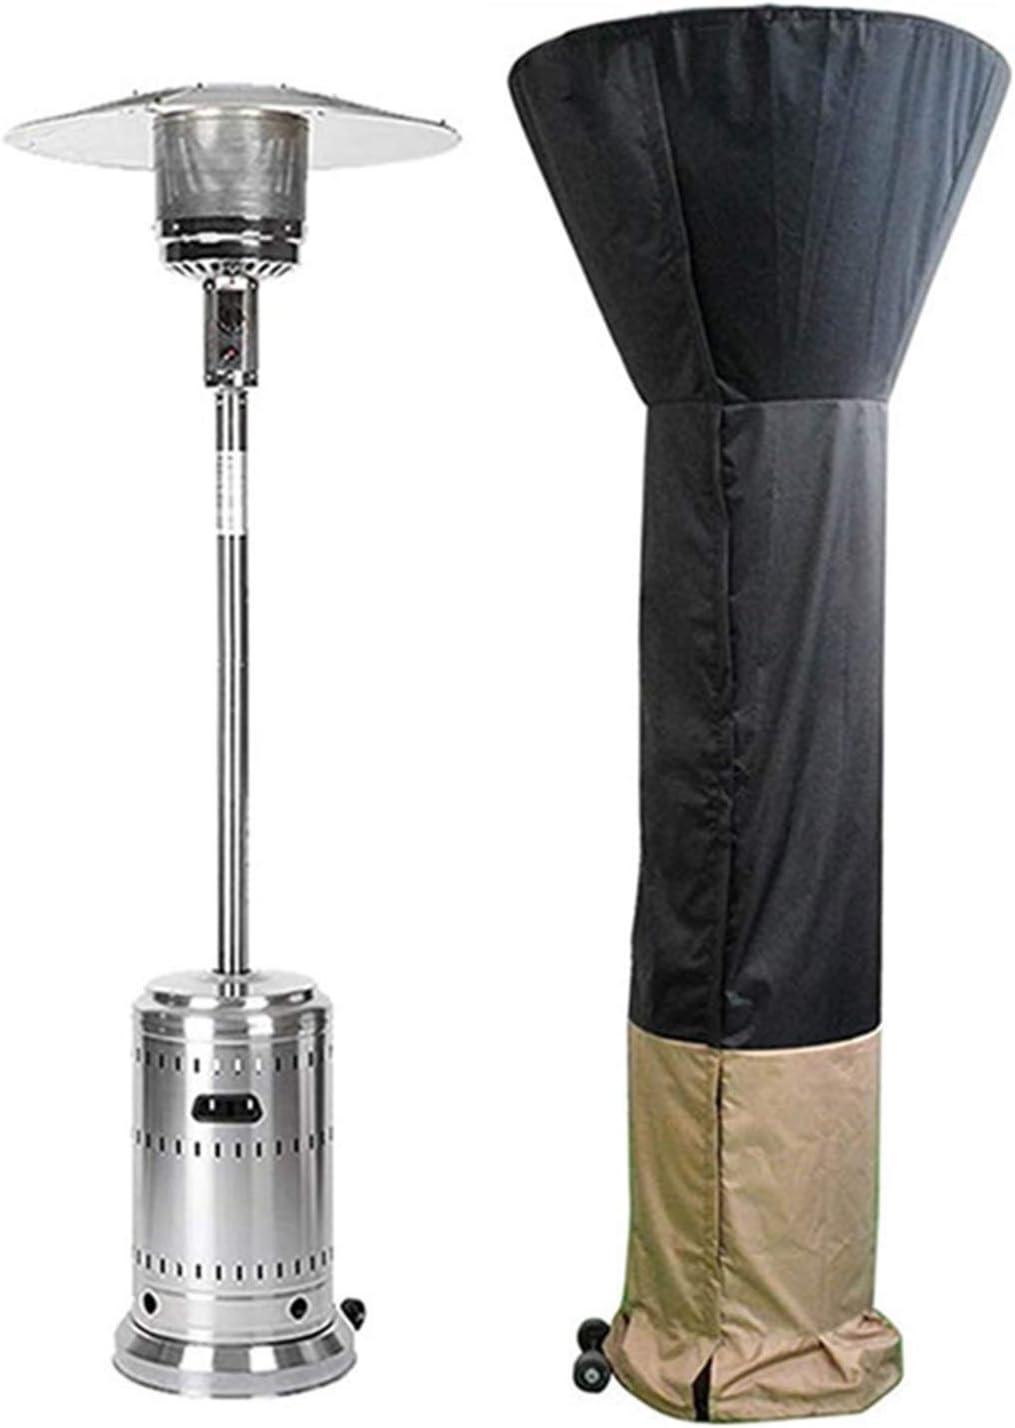 WZJ-방향 열 반사판 파티오 히터 커버 방수 방풍 방진 및 자외선 보호 지퍼와 야외 히터 커버 드로스트링 (색상 : 블랙 + 커피 크기 : 2409259CM)